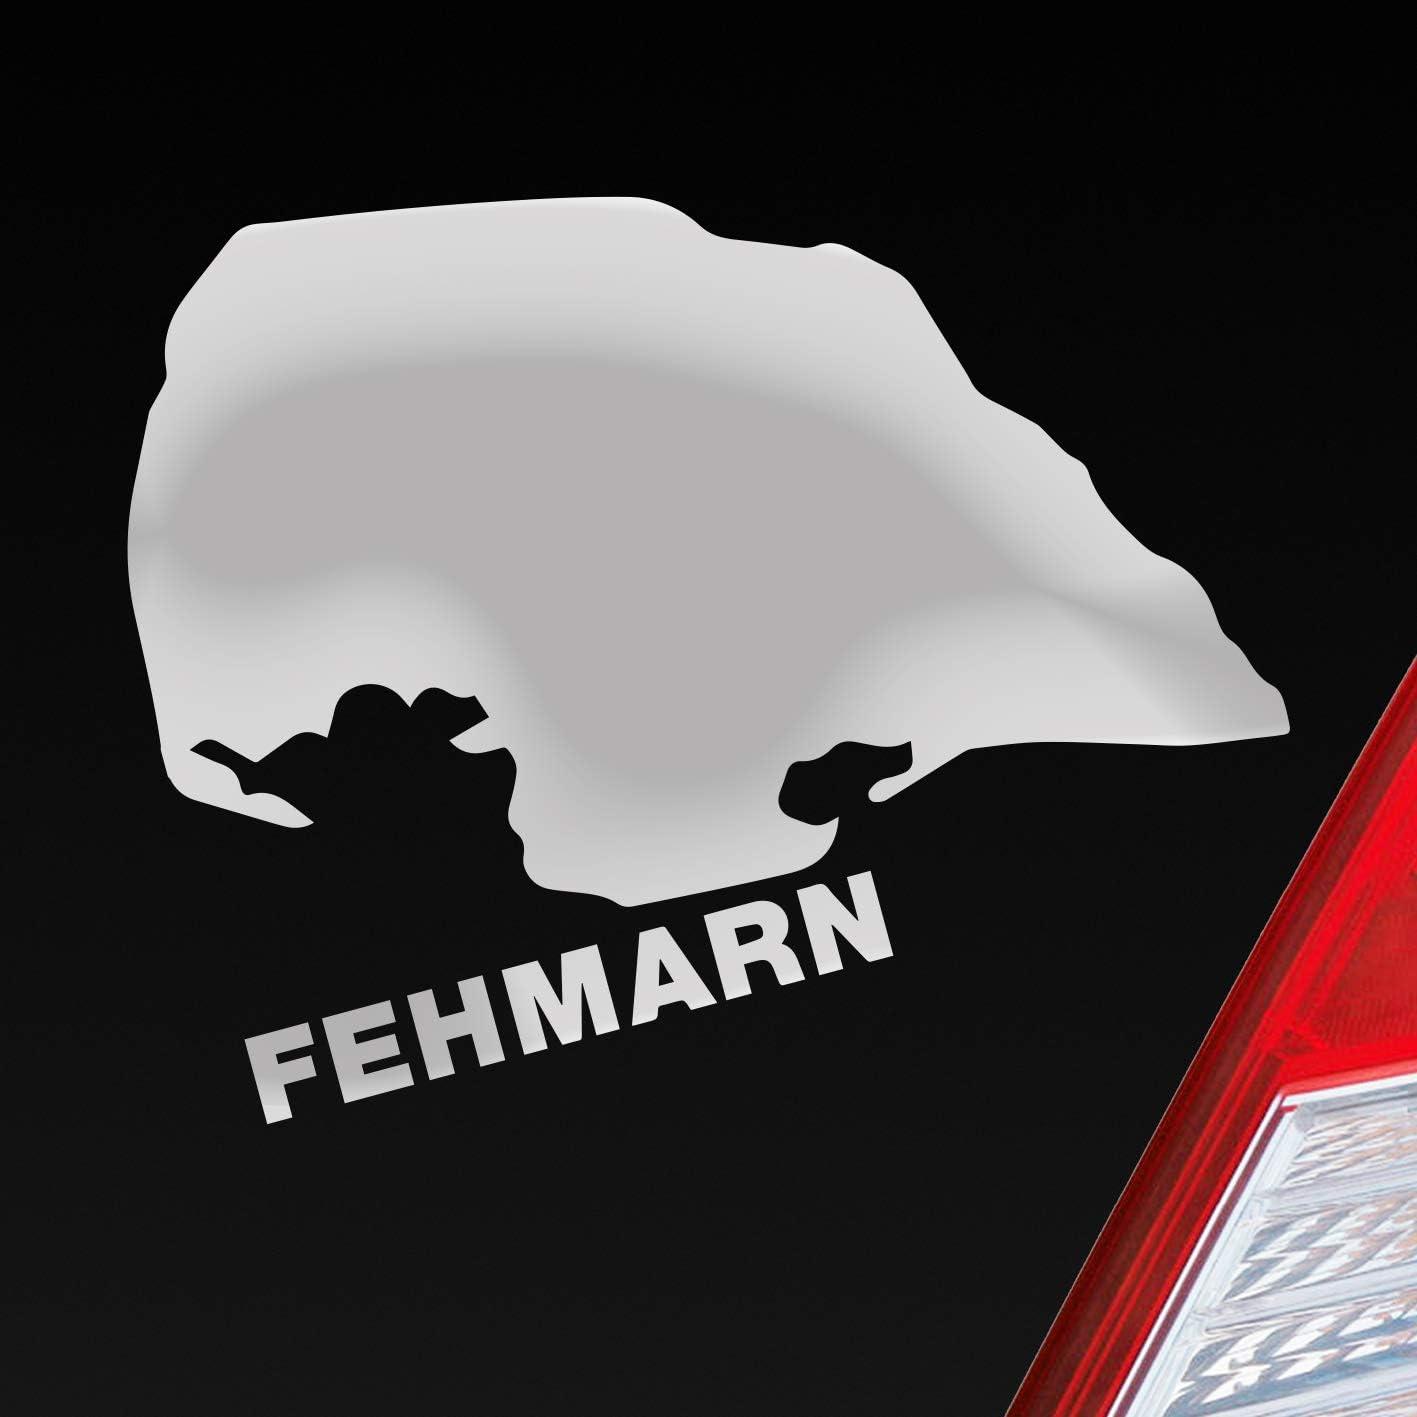 Autoaufkleber Aufkleber Fehmarnsundbrücke Fehmarn Farbe Rot